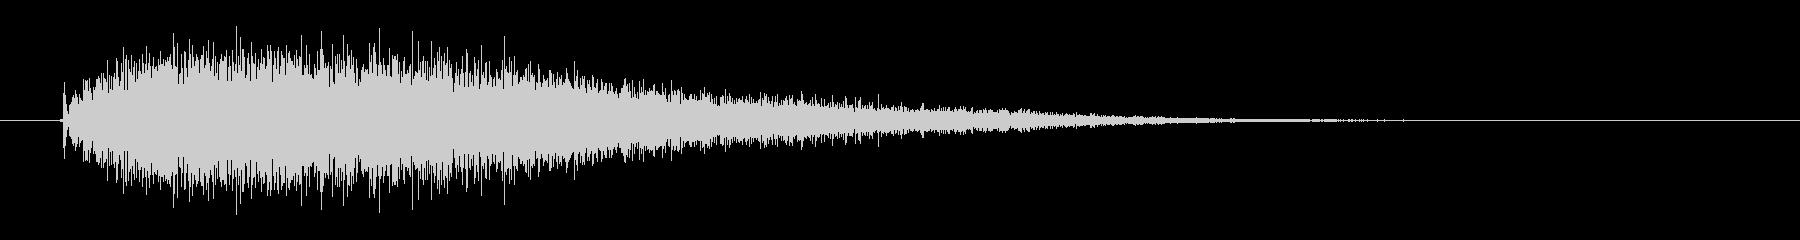 ジョワーーン(銅鑼の音)の未再生の波形